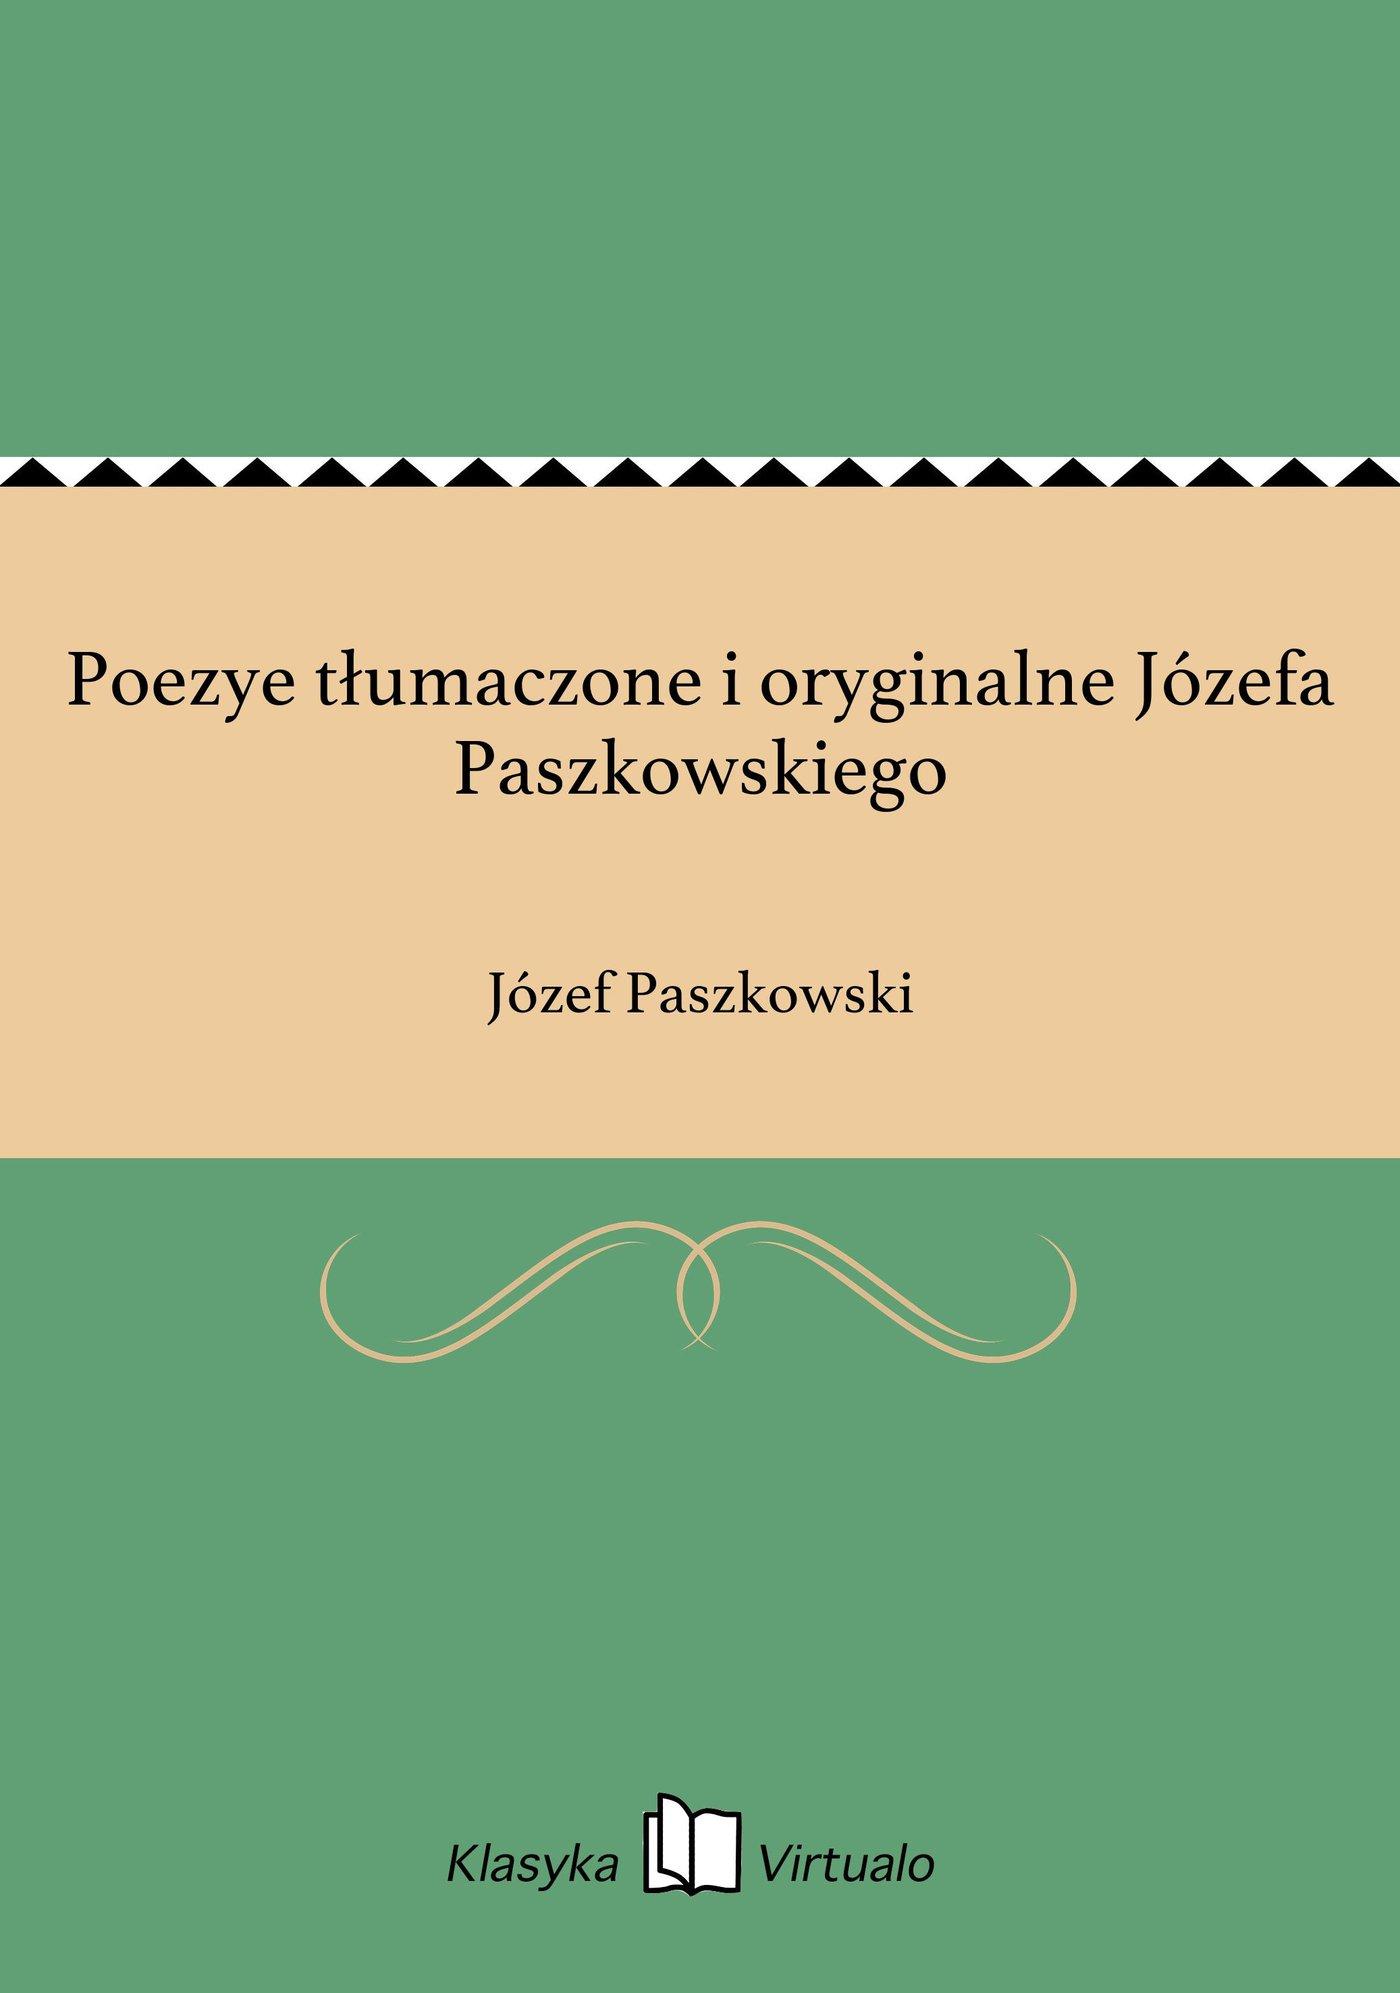 Poezye tłumaczone i oryginalne Józefa Paszkowskiego - Ebook (Książka EPUB) do pobrania w formacie EPUB